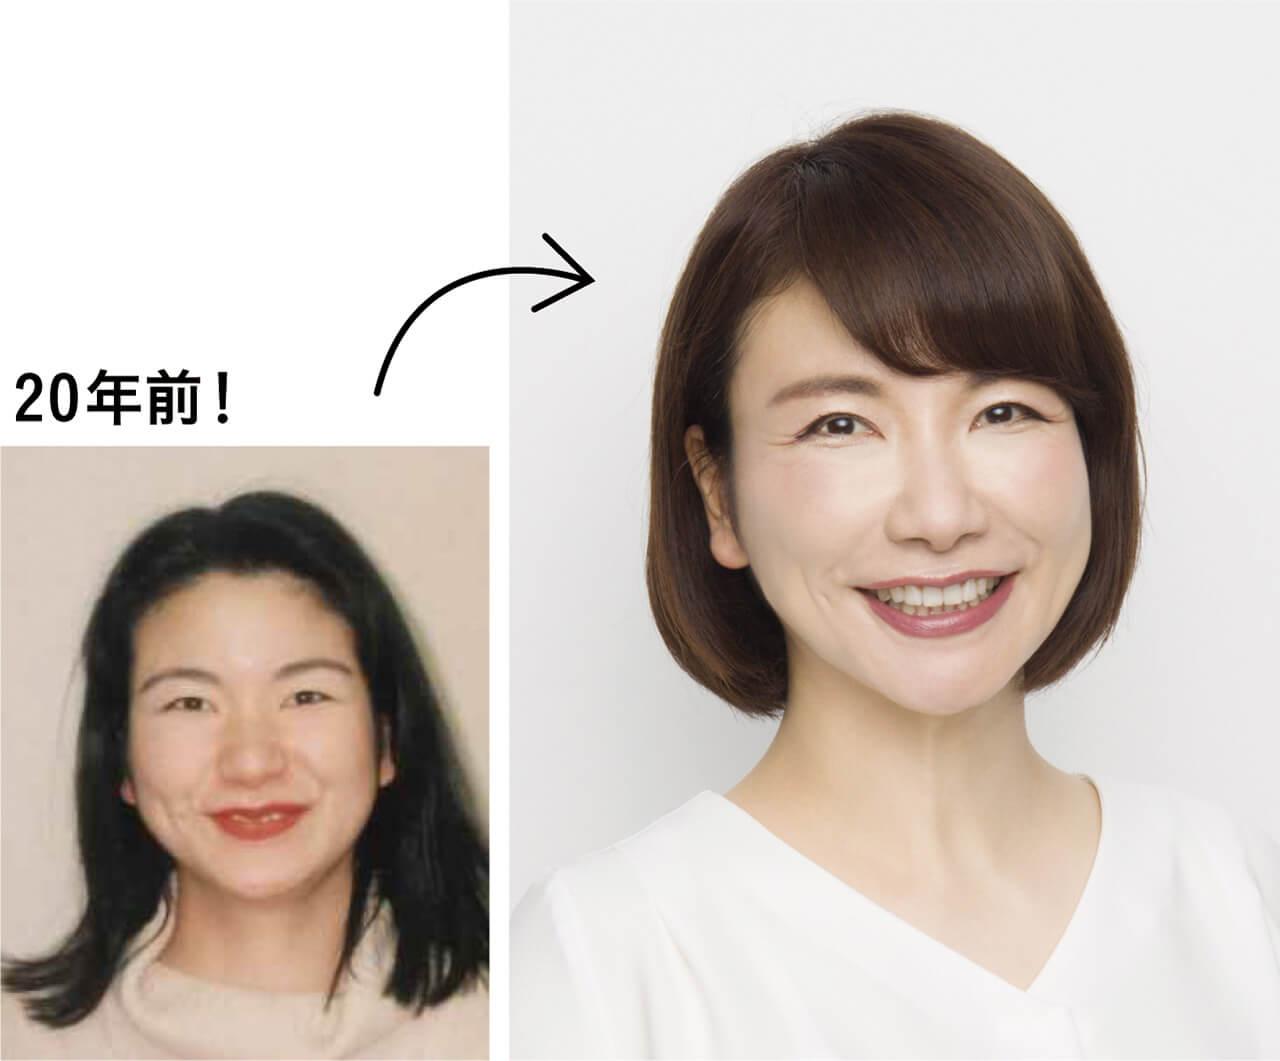 20年前! エイジングデザイナー 村木宏衣さん